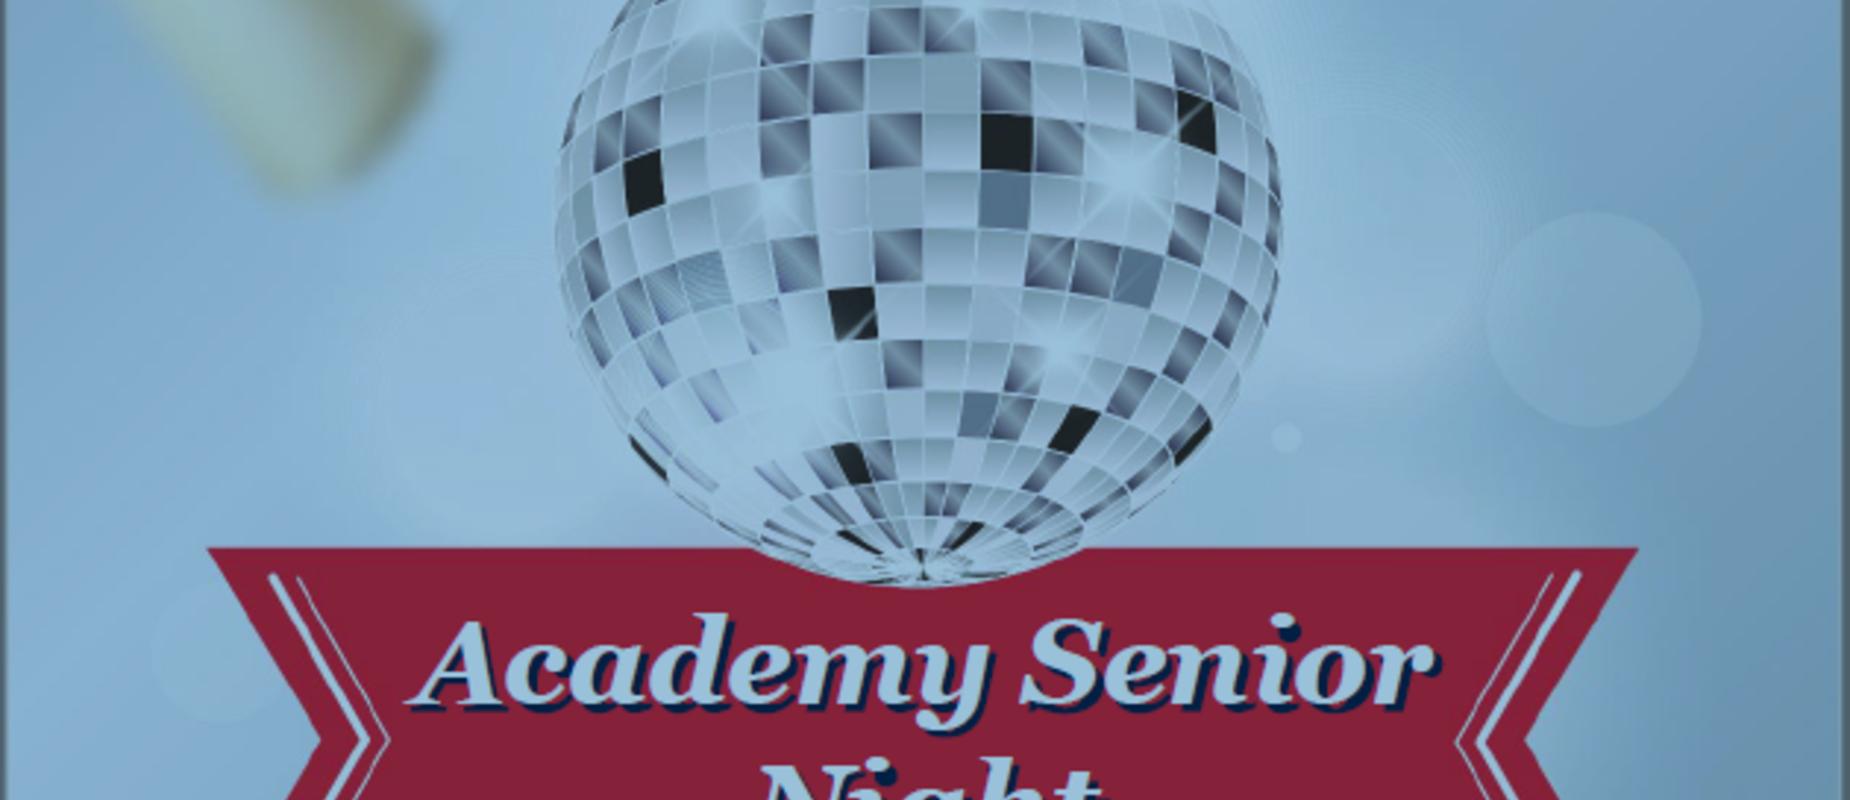 Academy Senior Night